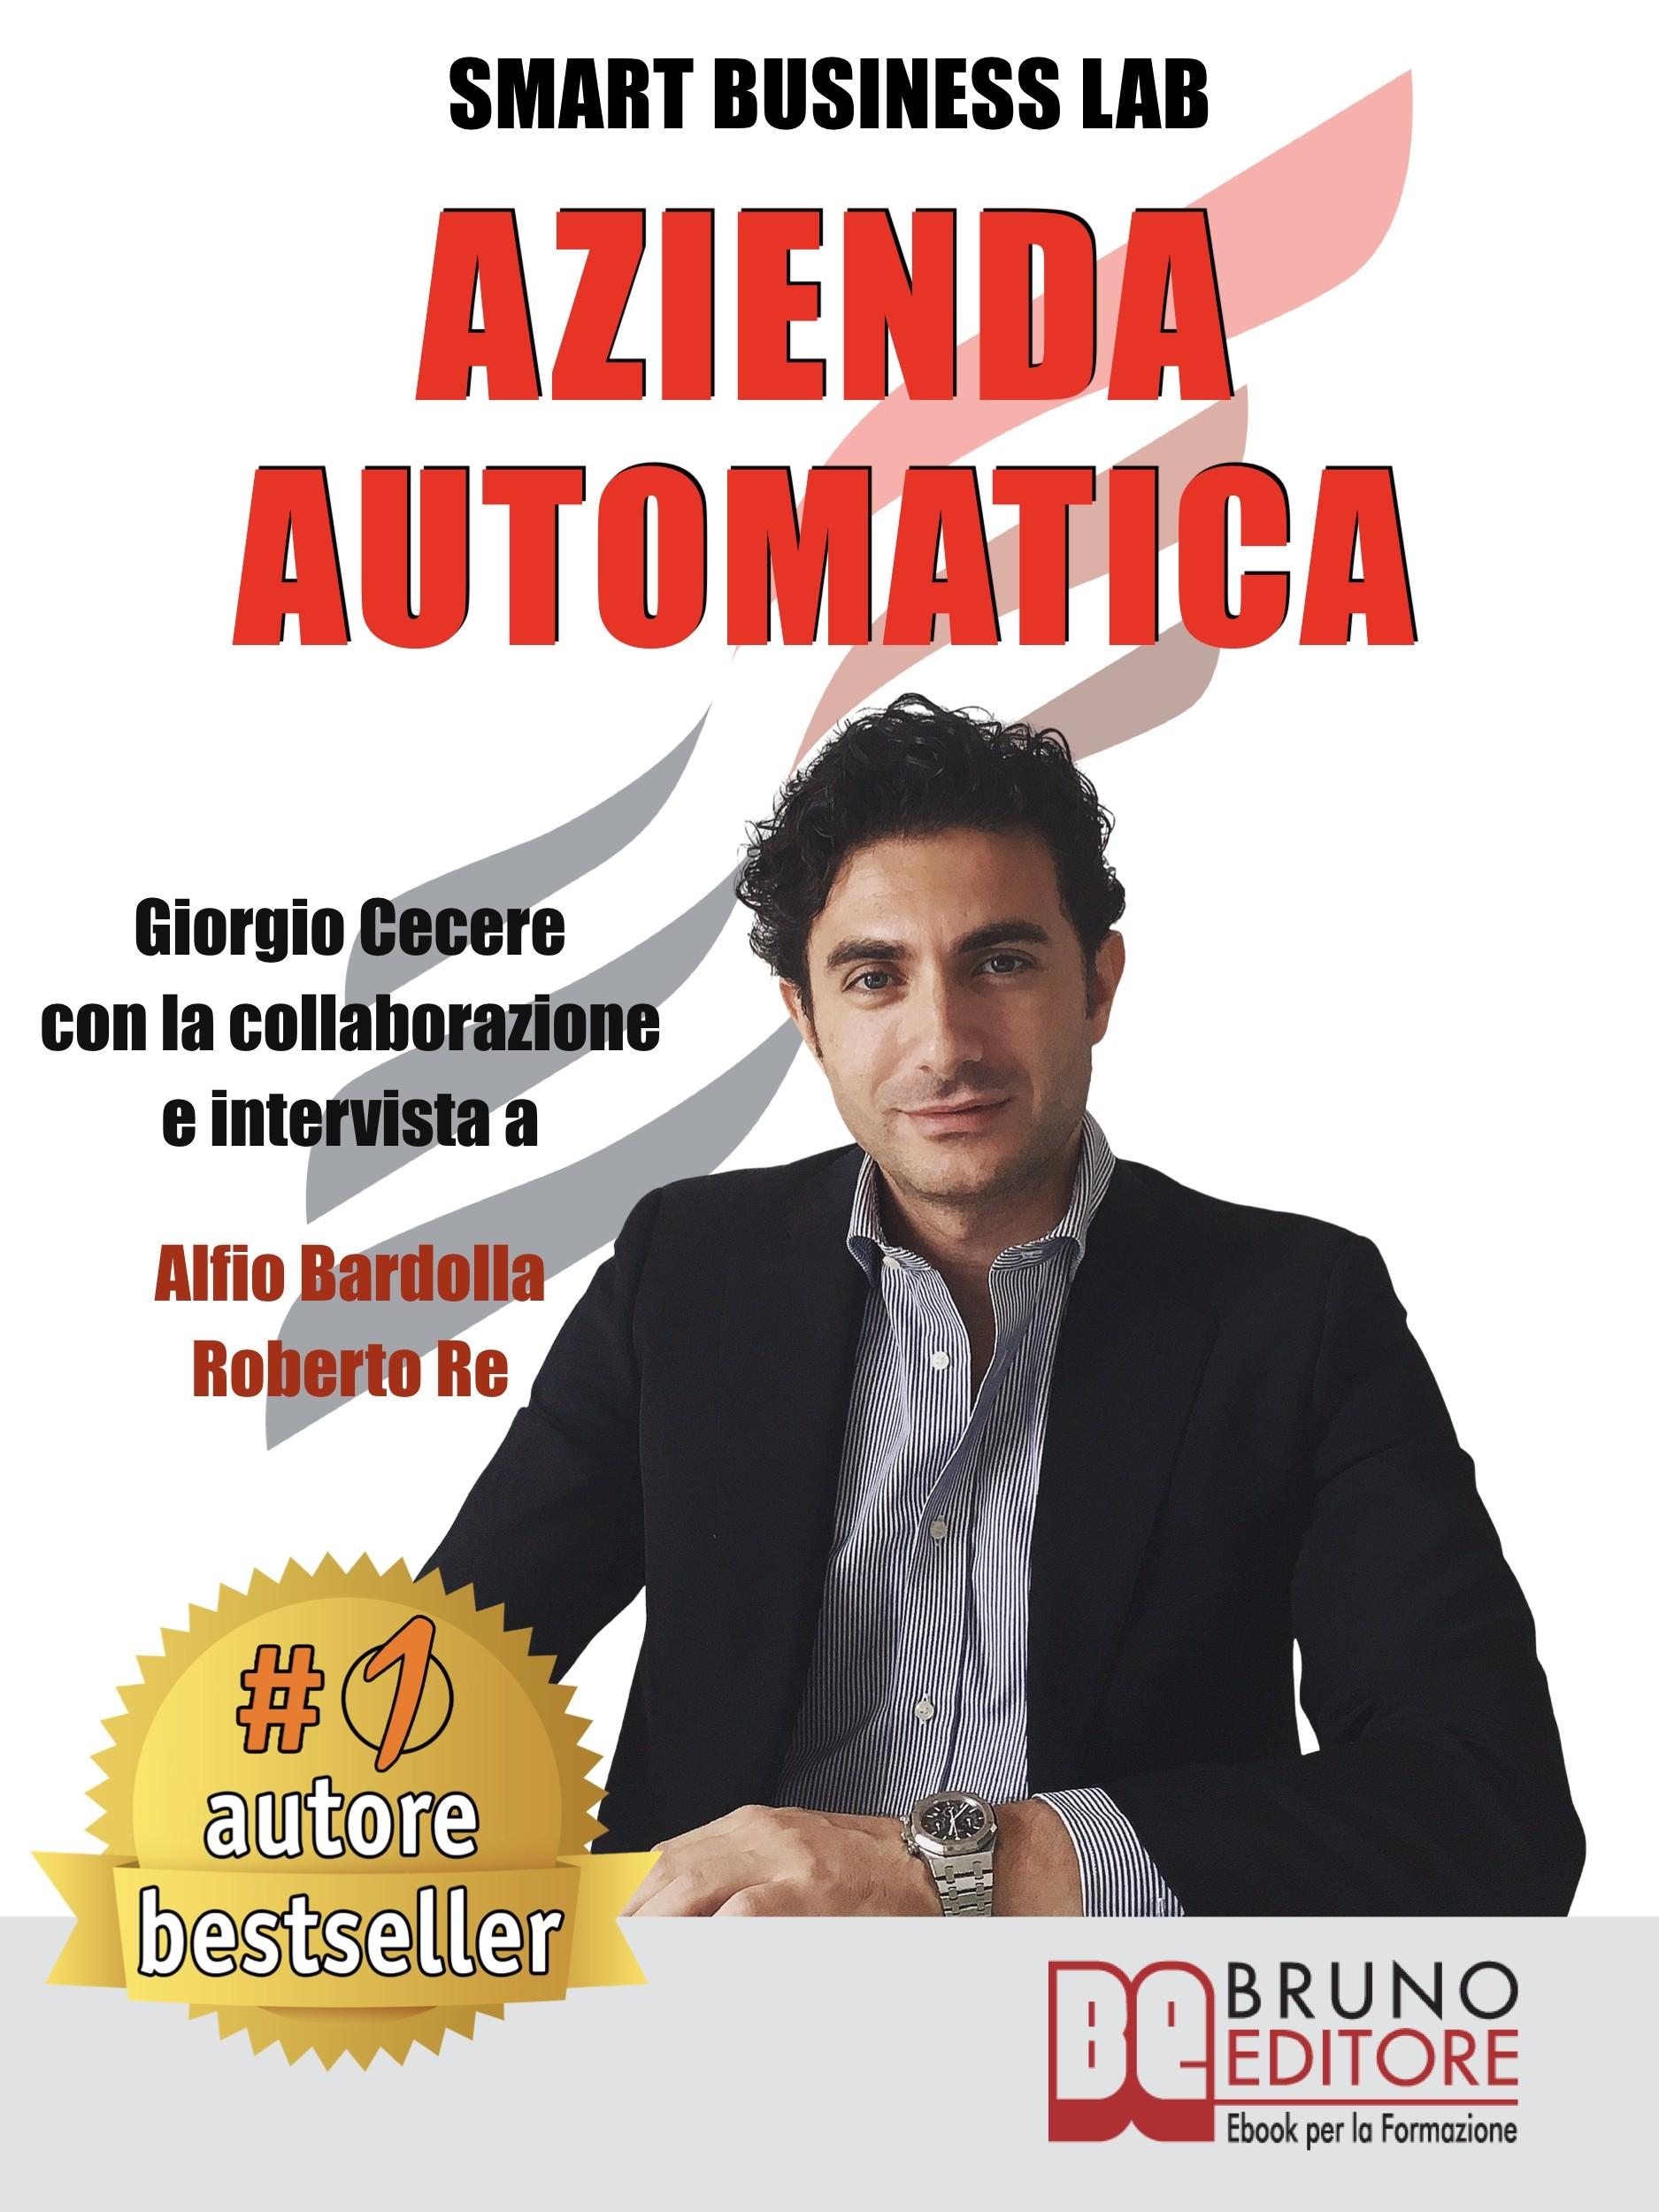 Azienda Automatica